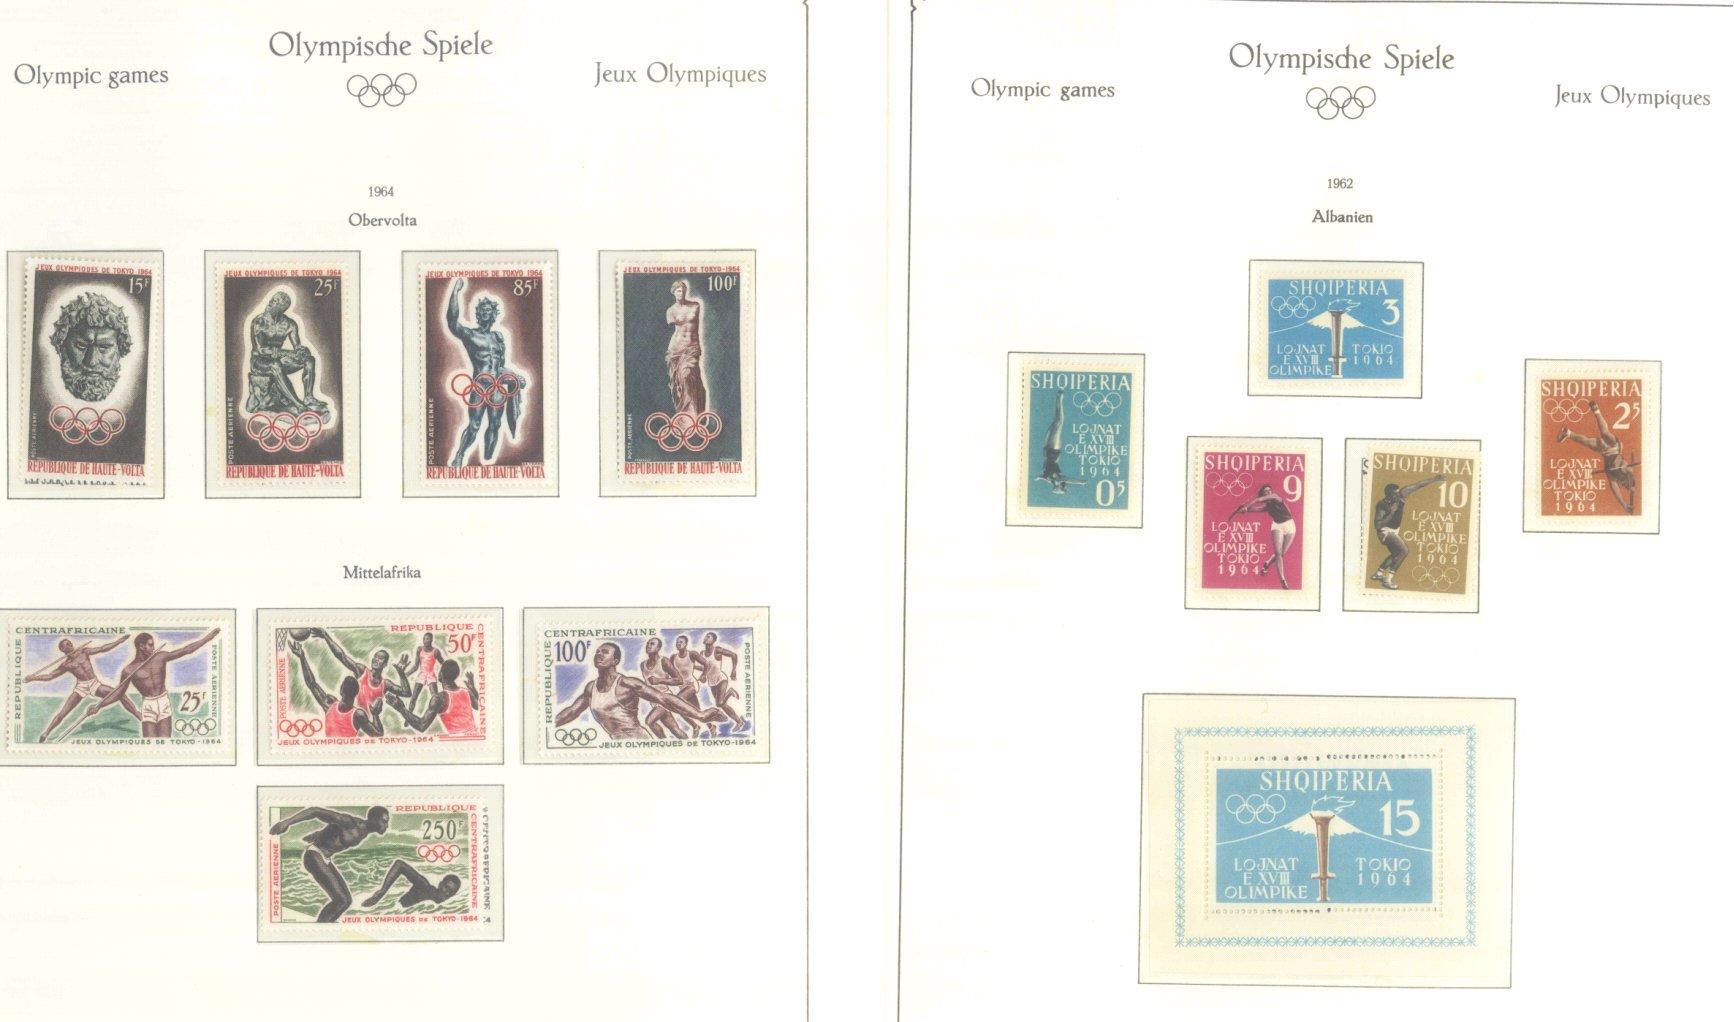 OLYMPISCHE SPIELE 1964 TOKIO, postfrische Sammlung Teil 1-51